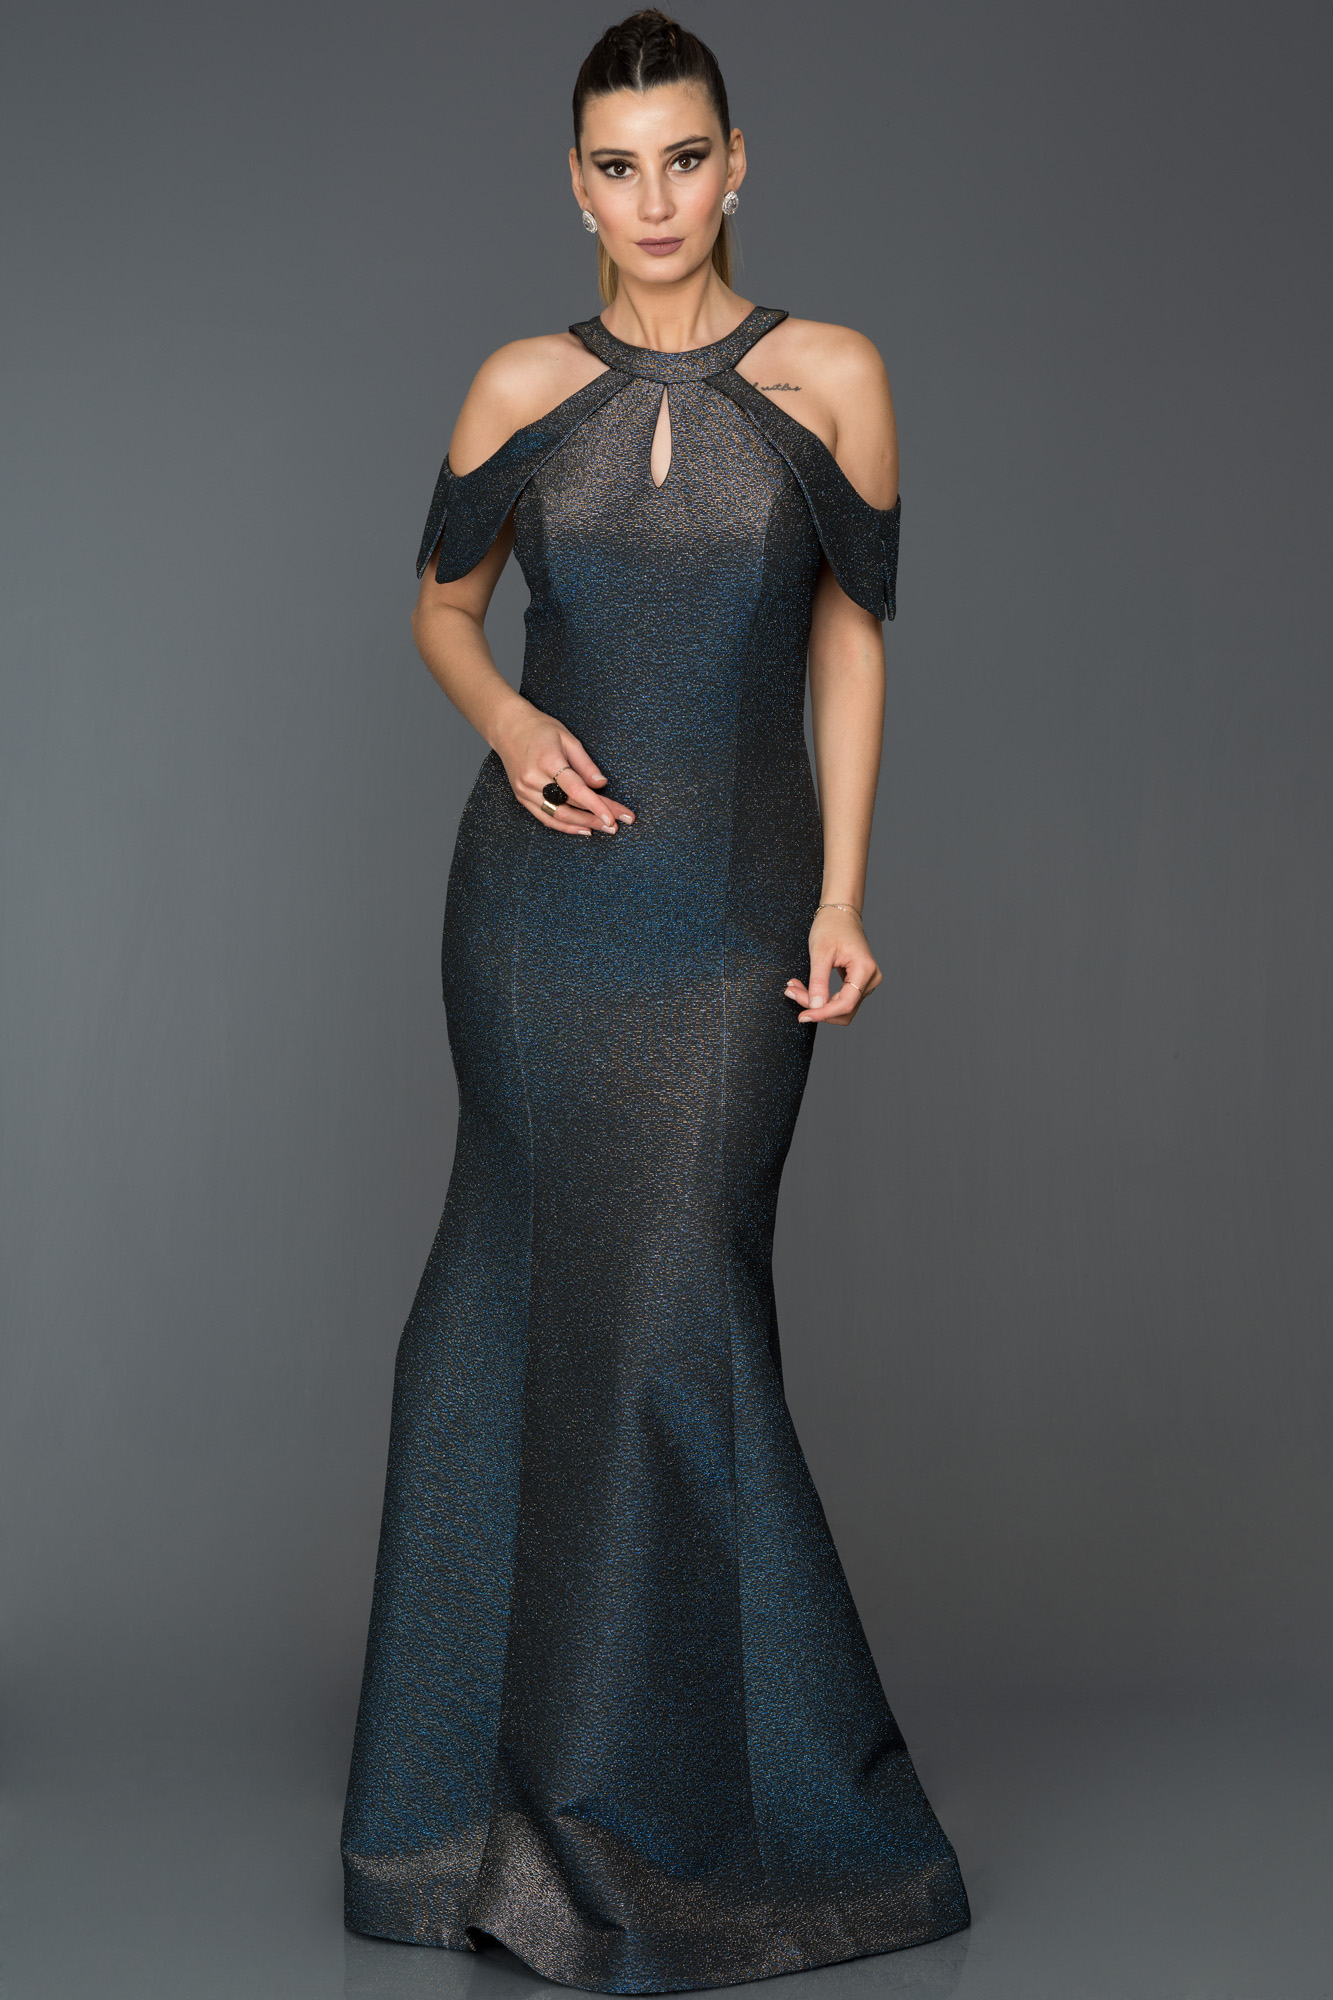 Saks Mavi-Gümüş Simli Balık Abiye Elbise